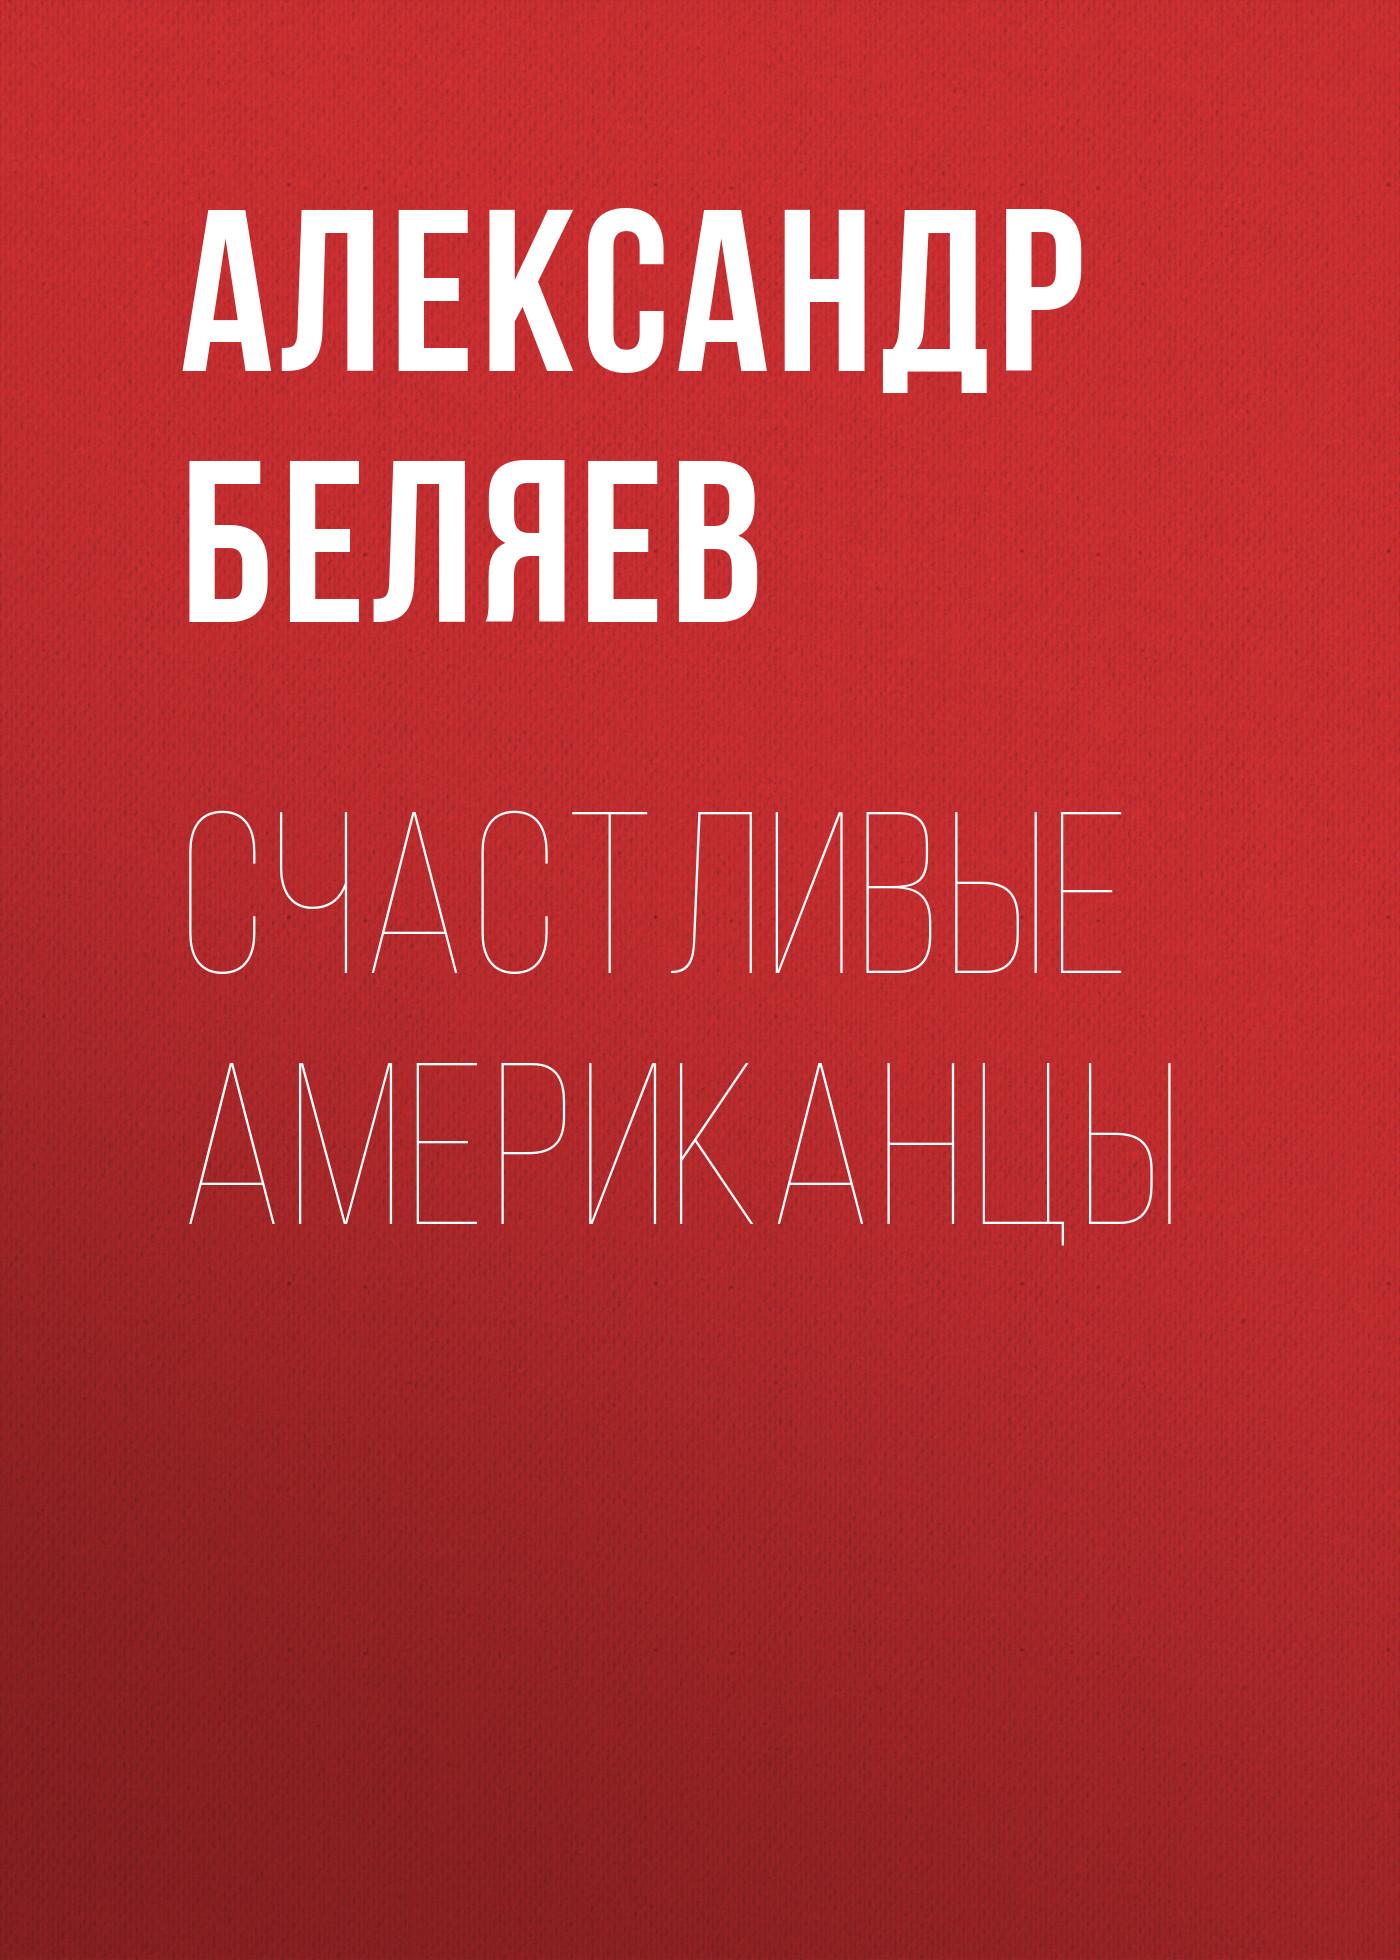 Александр Беляев Счастливые американцы людмила пахомова александр горшков и вечно музыка звучит…